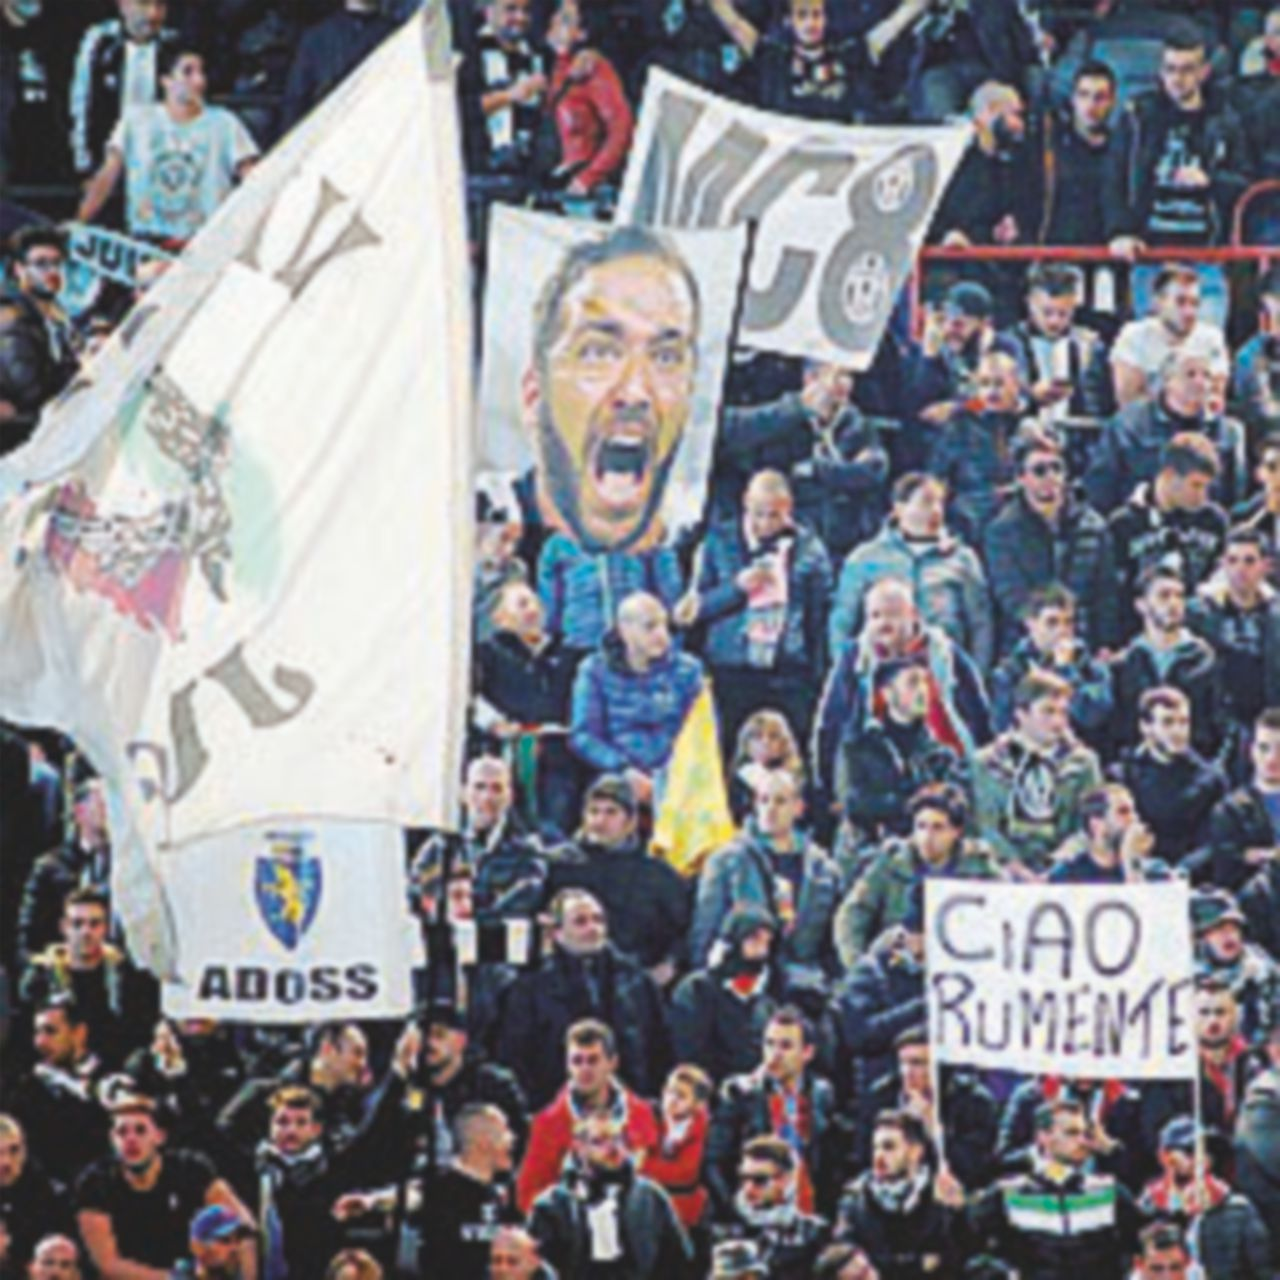 L'ultrà suicida della Juventus parlava con 007 e Palazzo Chigi